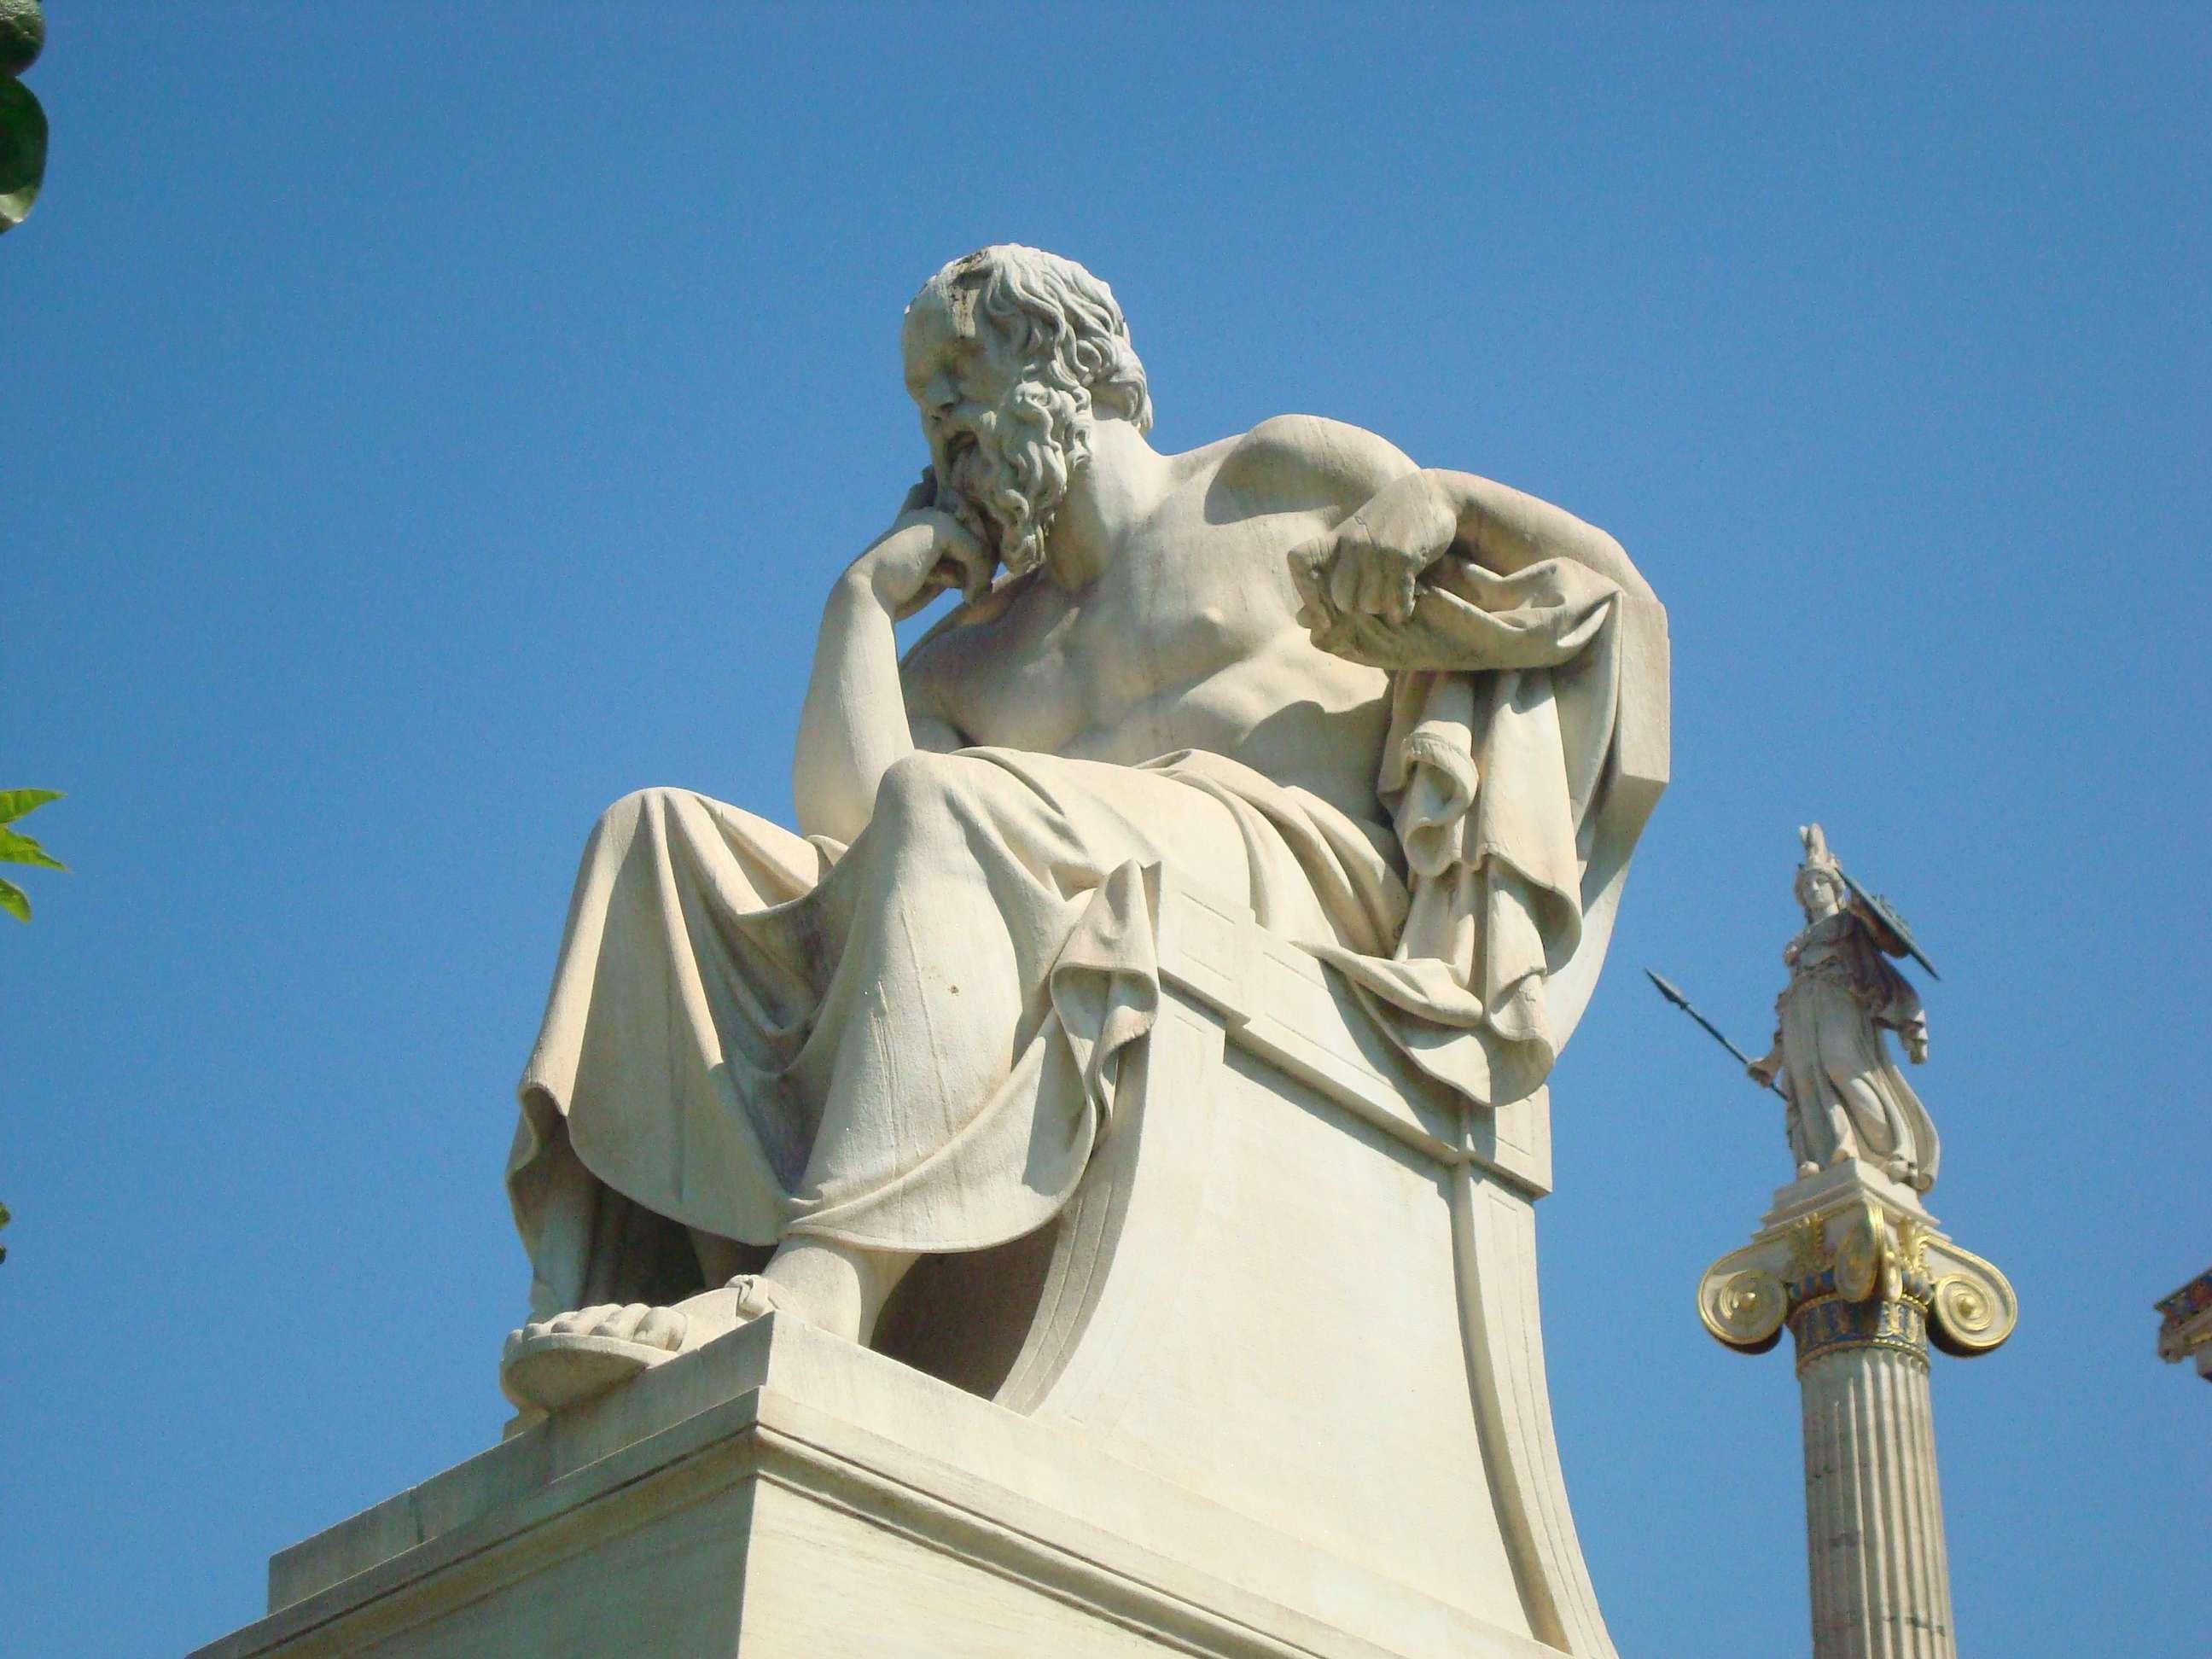 Ομιλία για τη φιλοσοφία του Σωκράτη στο Ανοιχτό Λαϊκό Πανεπιστήμιο Ρεθύμνου (κείμενο)